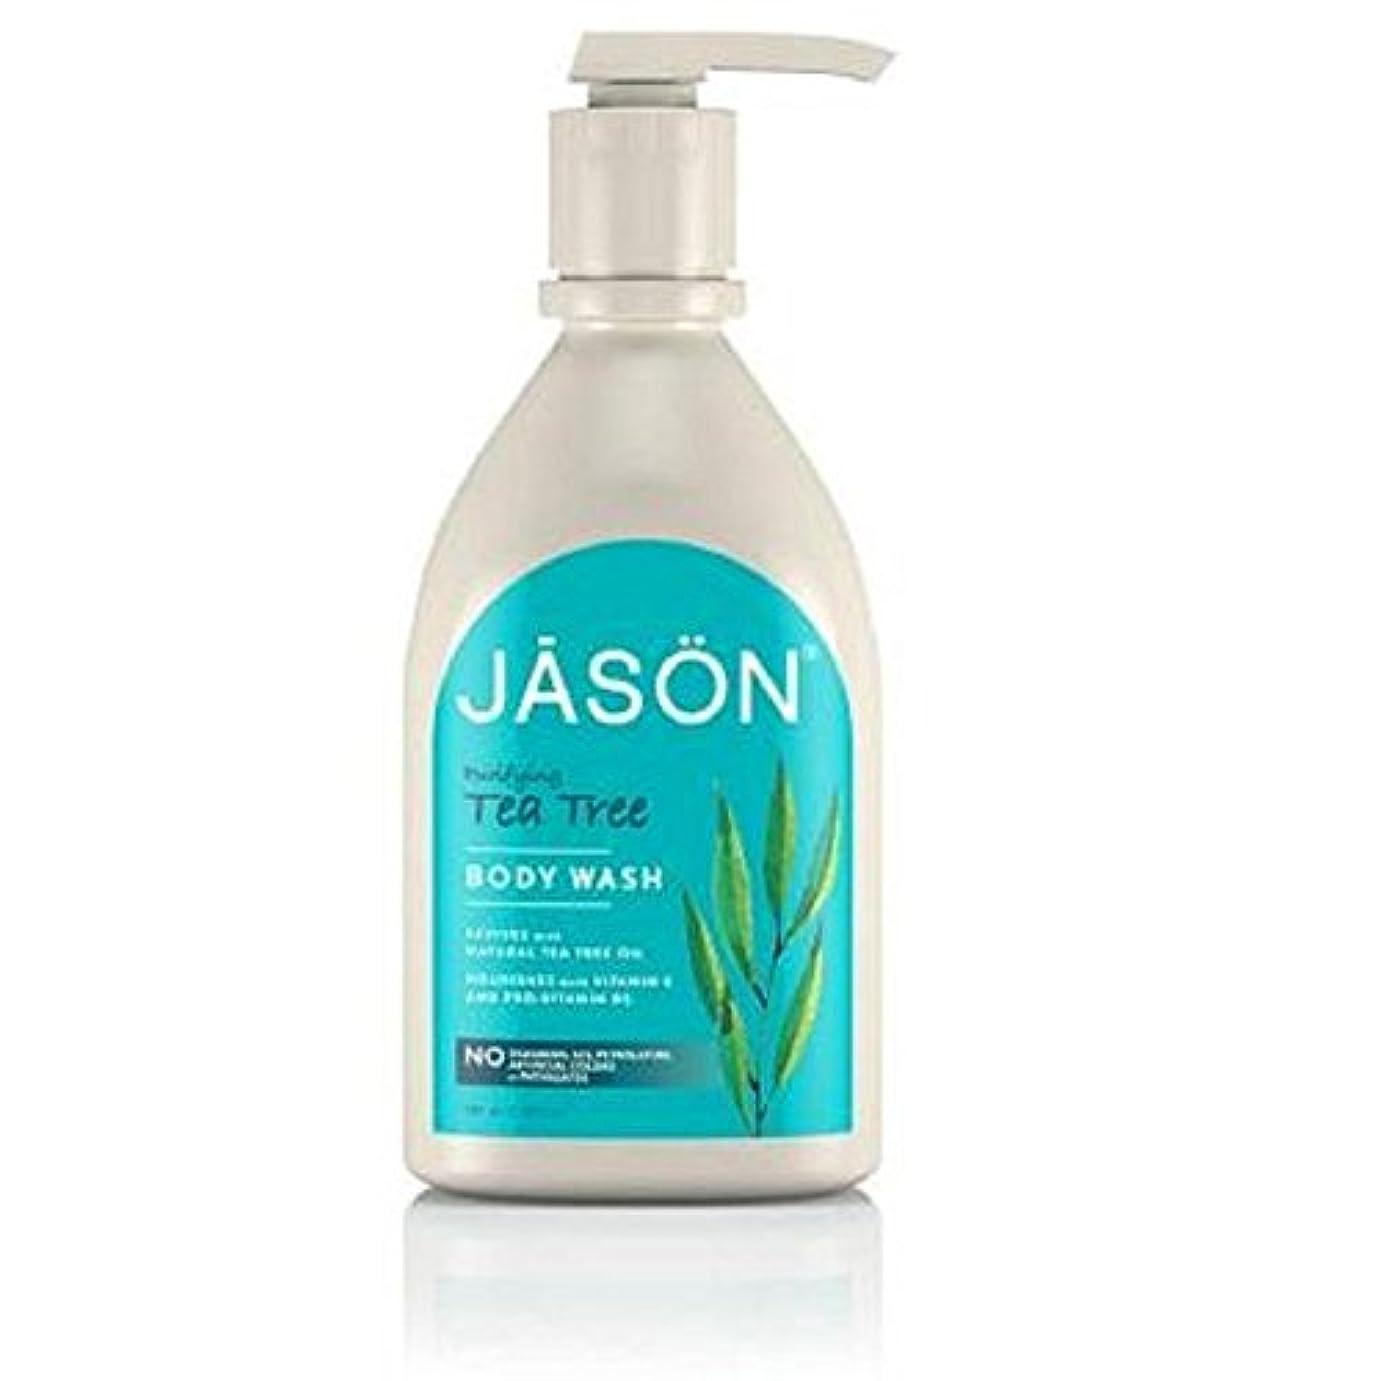 不透明なキリストポルティコジェイソン・ティーツリーサテンボディウォッシュポンプ900ミリリットル x2 - Jason Tea Tree Satin Body Wash Pump 900ml (Pack of 2) [並行輸入品]